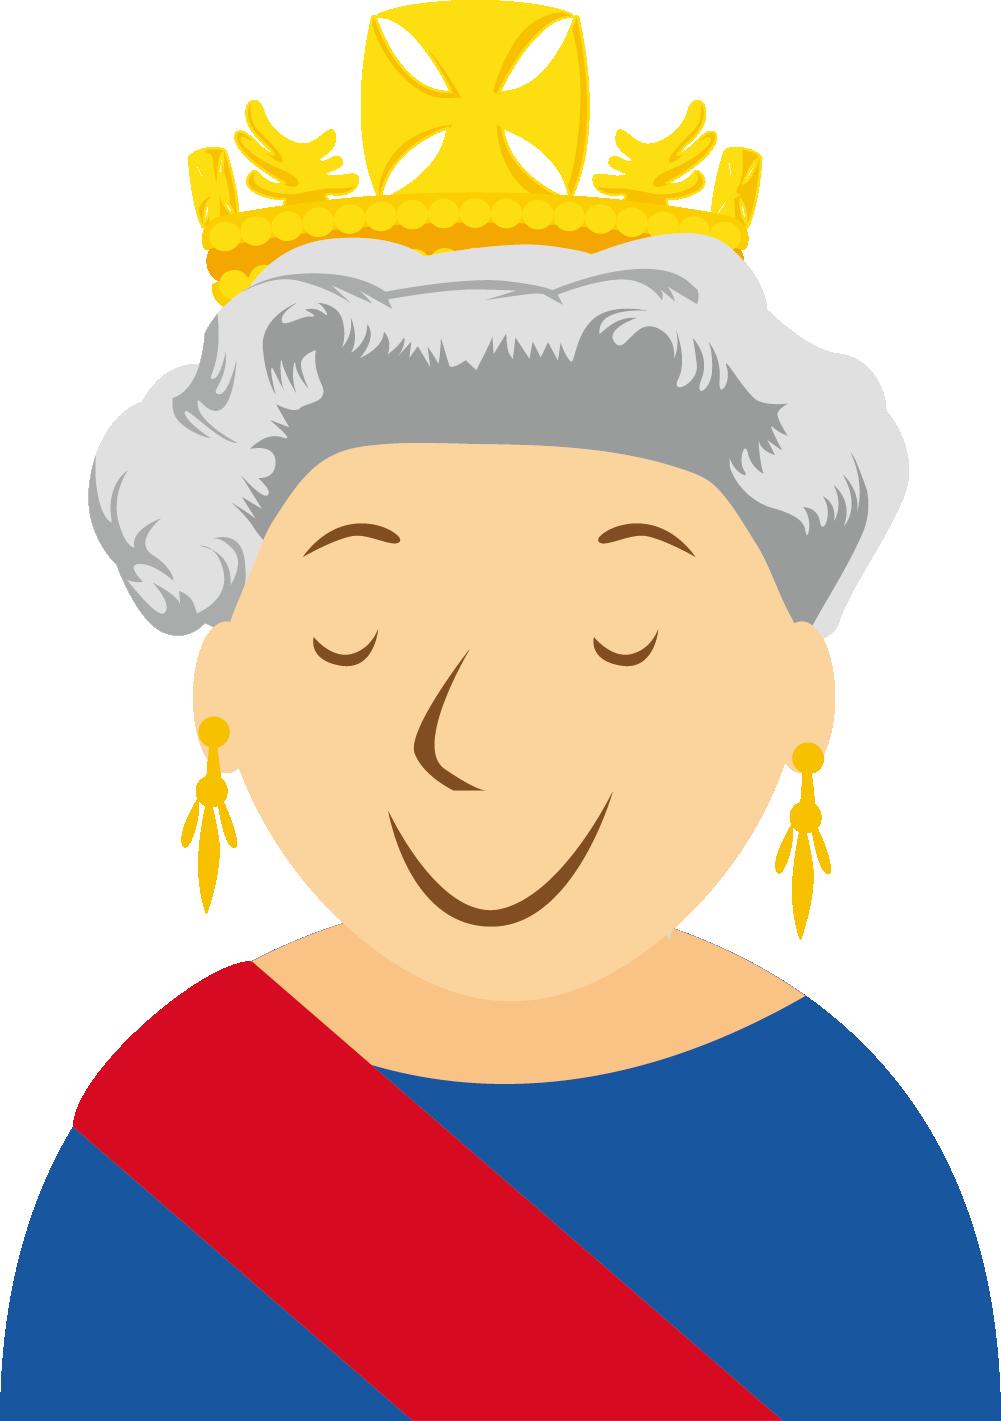 картинки мультяшные королевы словам местных